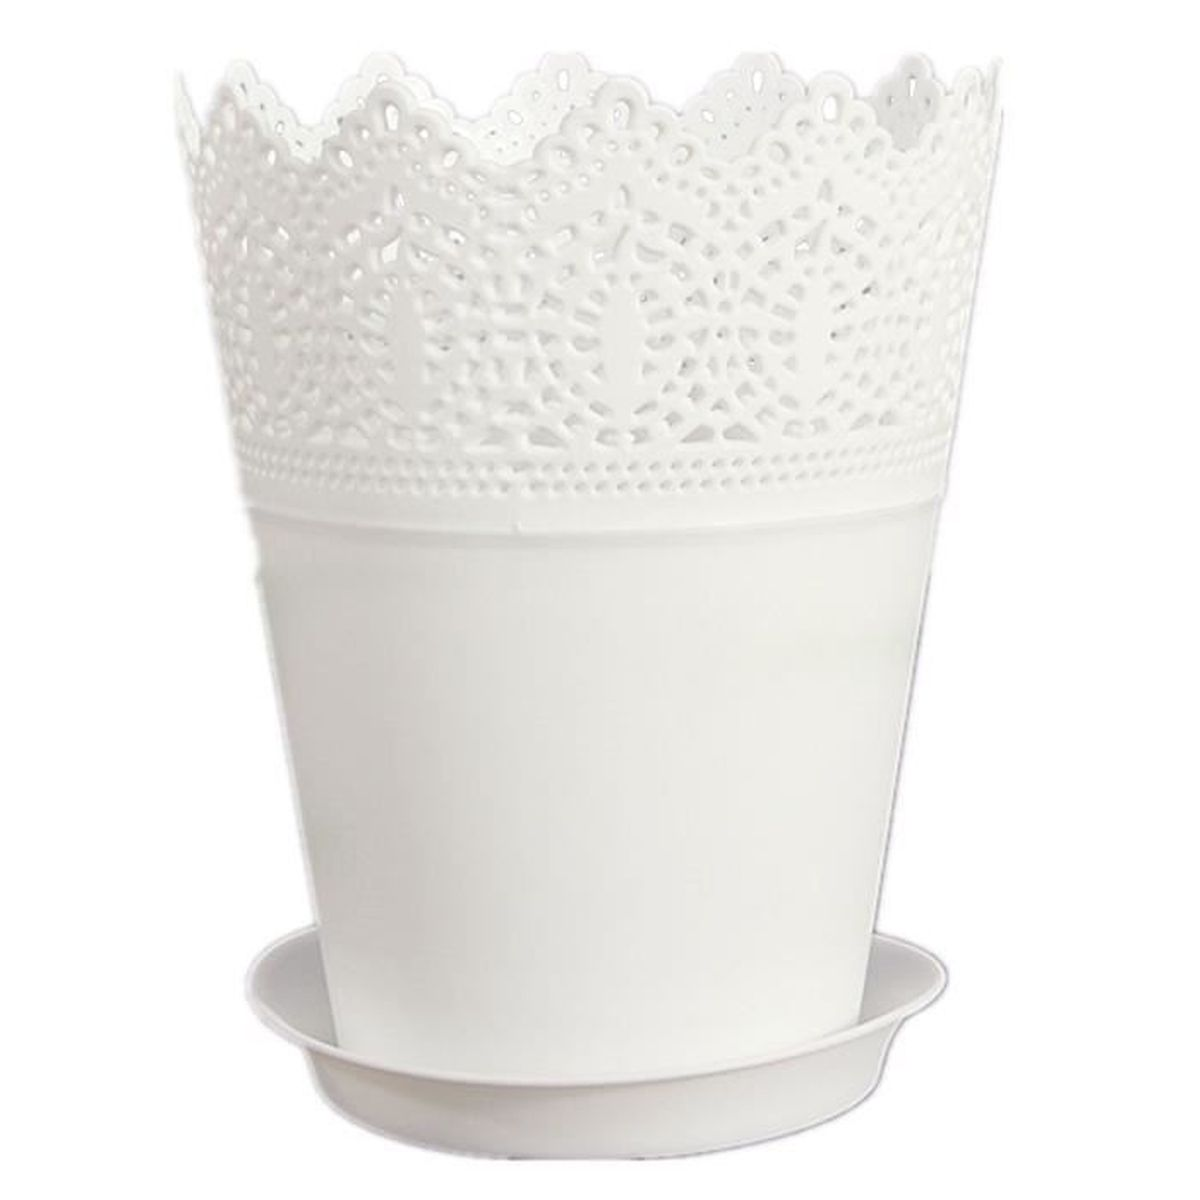 blanc couronne dentelle vase pot de fleurs en plastique. Black Bedroom Furniture Sets. Home Design Ideas